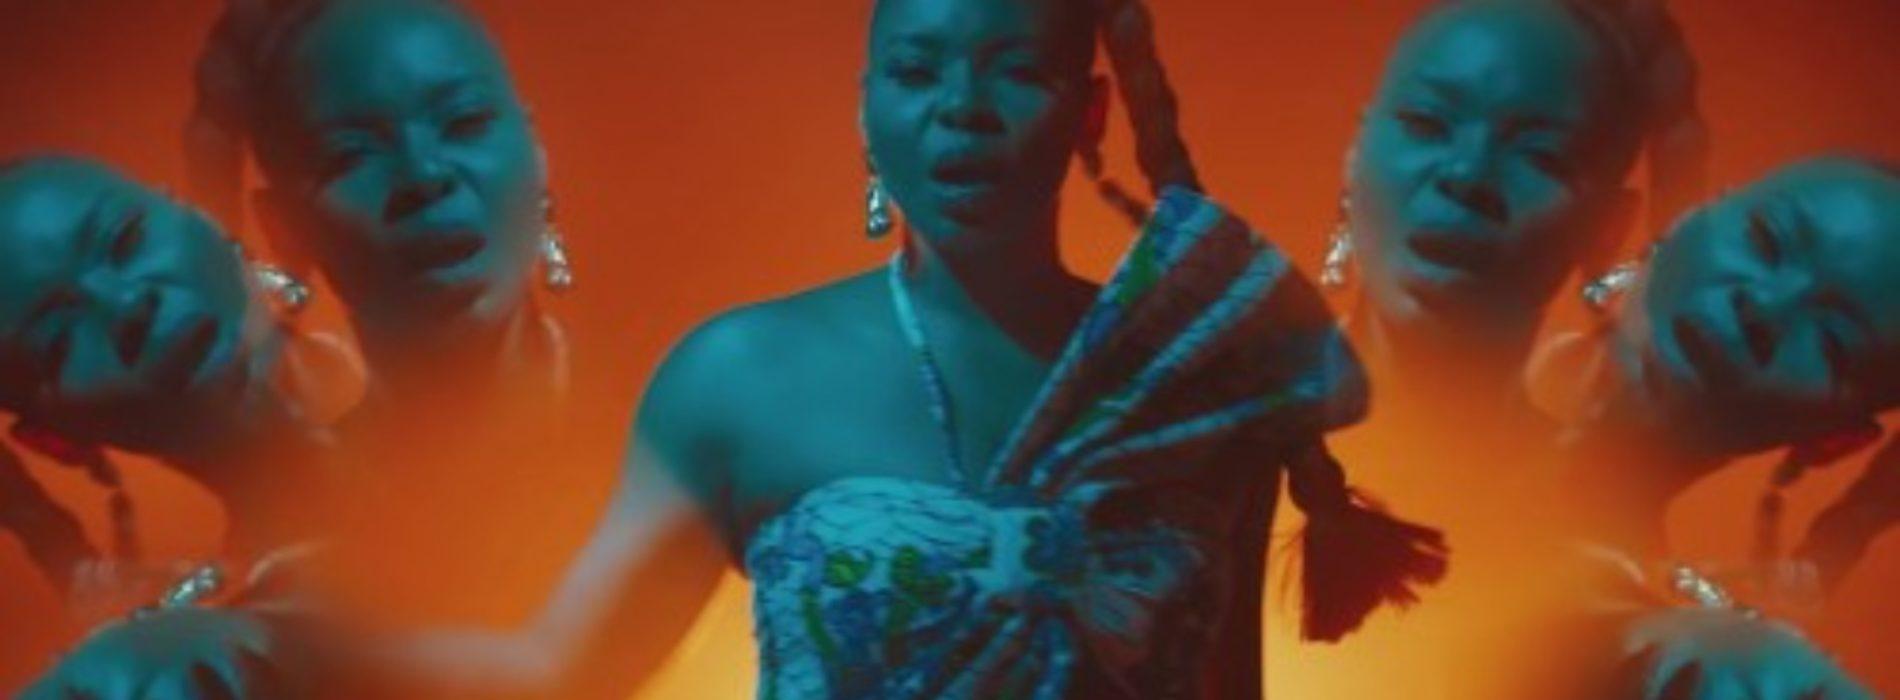 Yemi Alade – Lai Lai (Official Video) – Décembre 2019